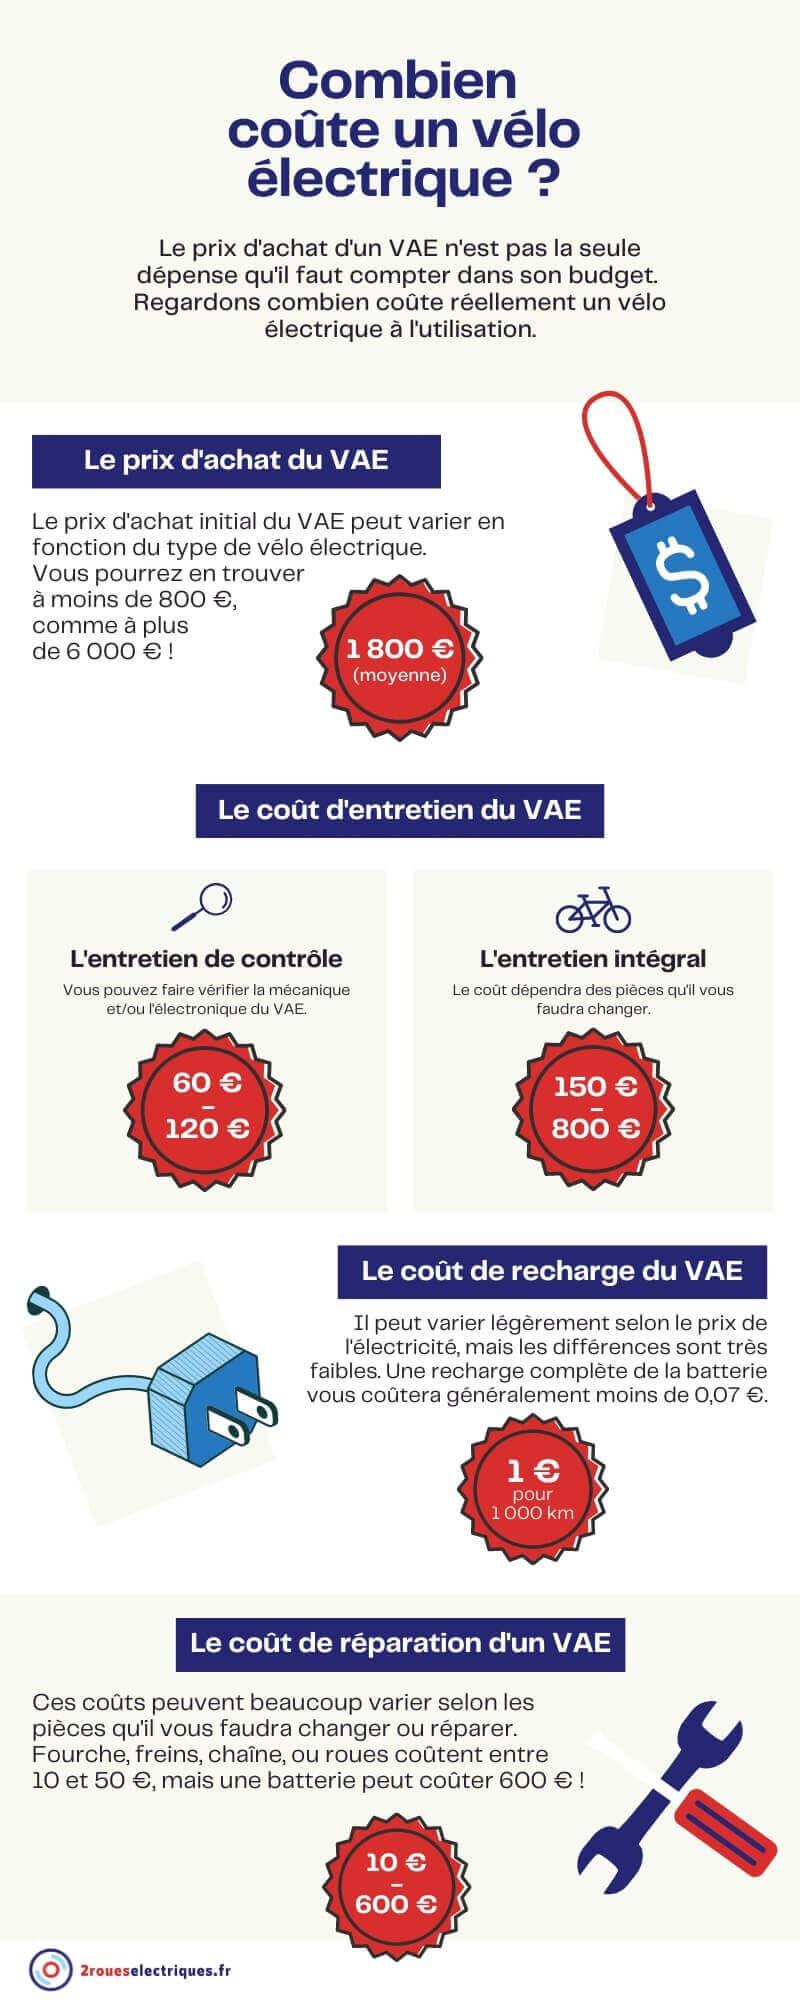 Coût vélo électrique : infographie 2roueselectriques